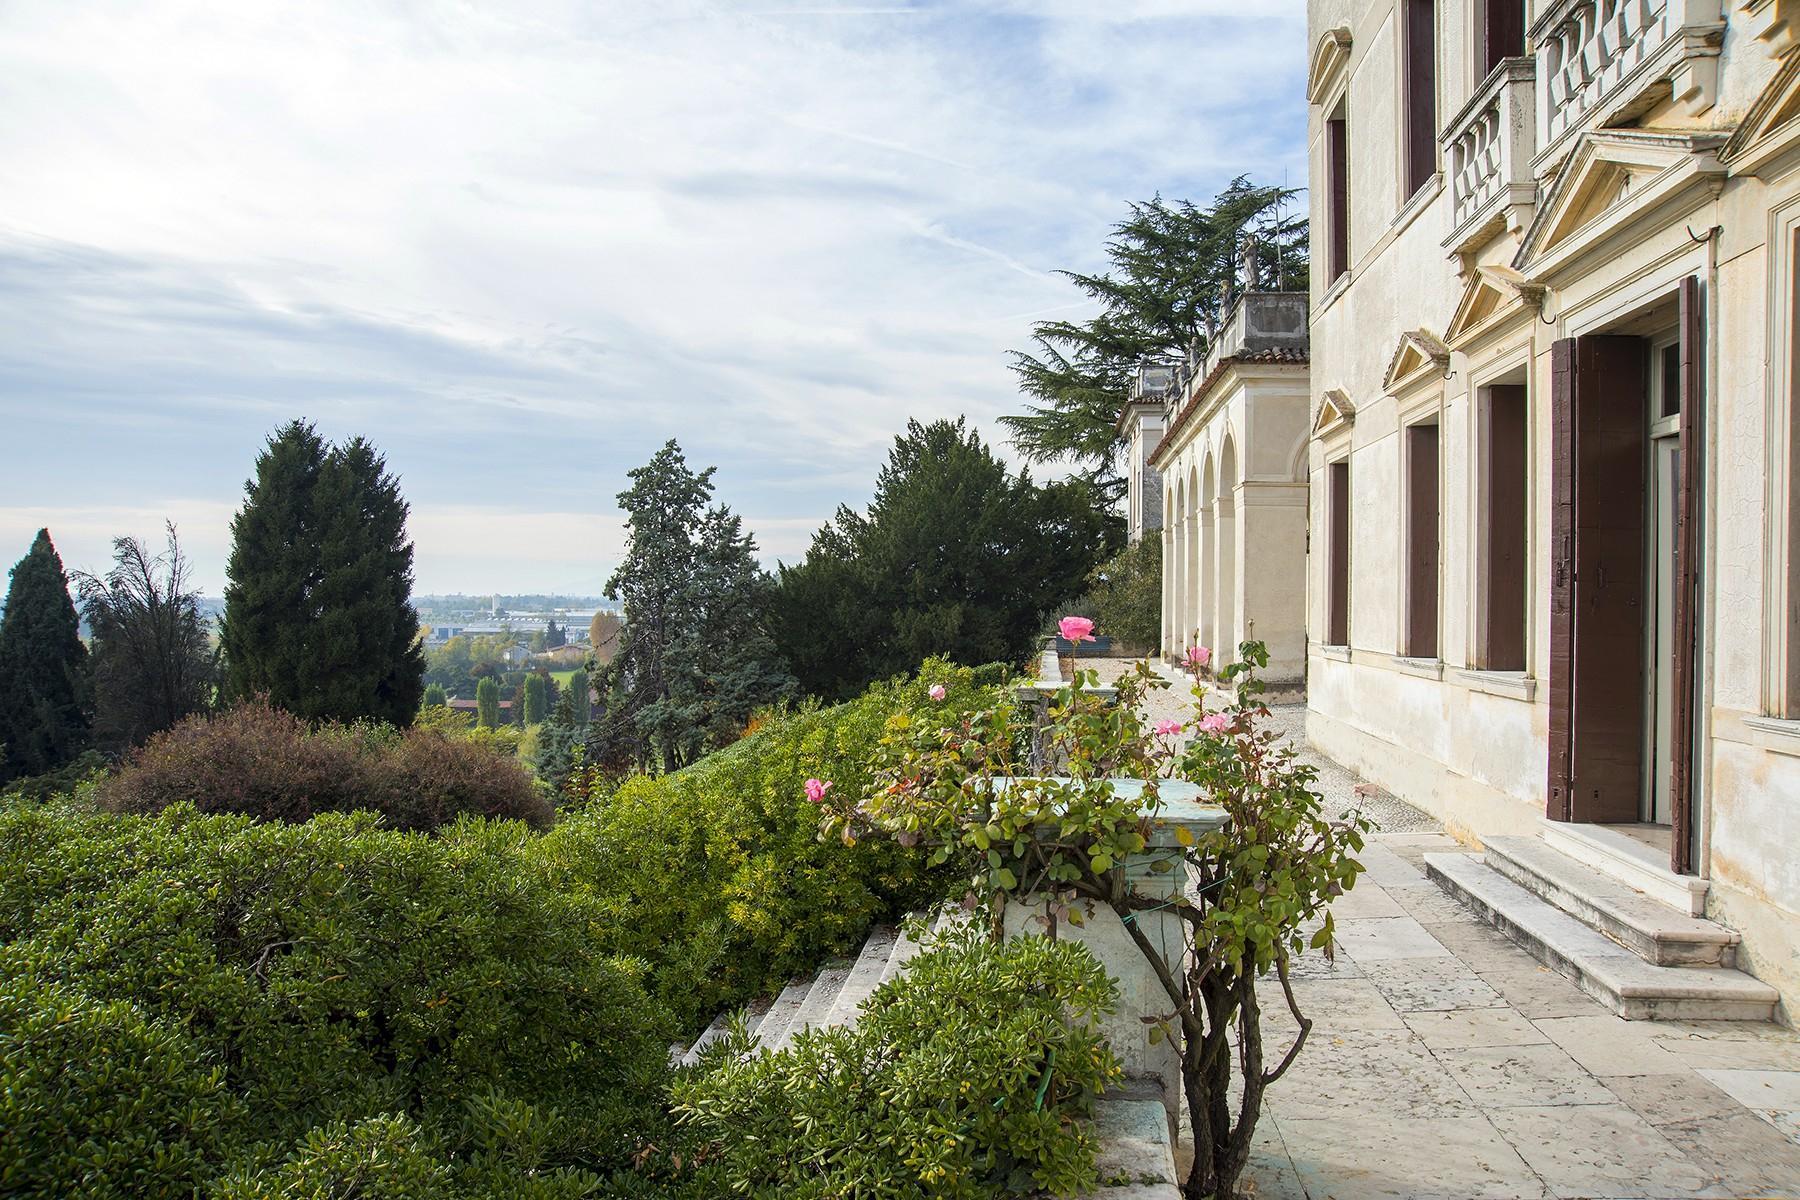 Affascinante dimora storica dominante le colline venete - 16